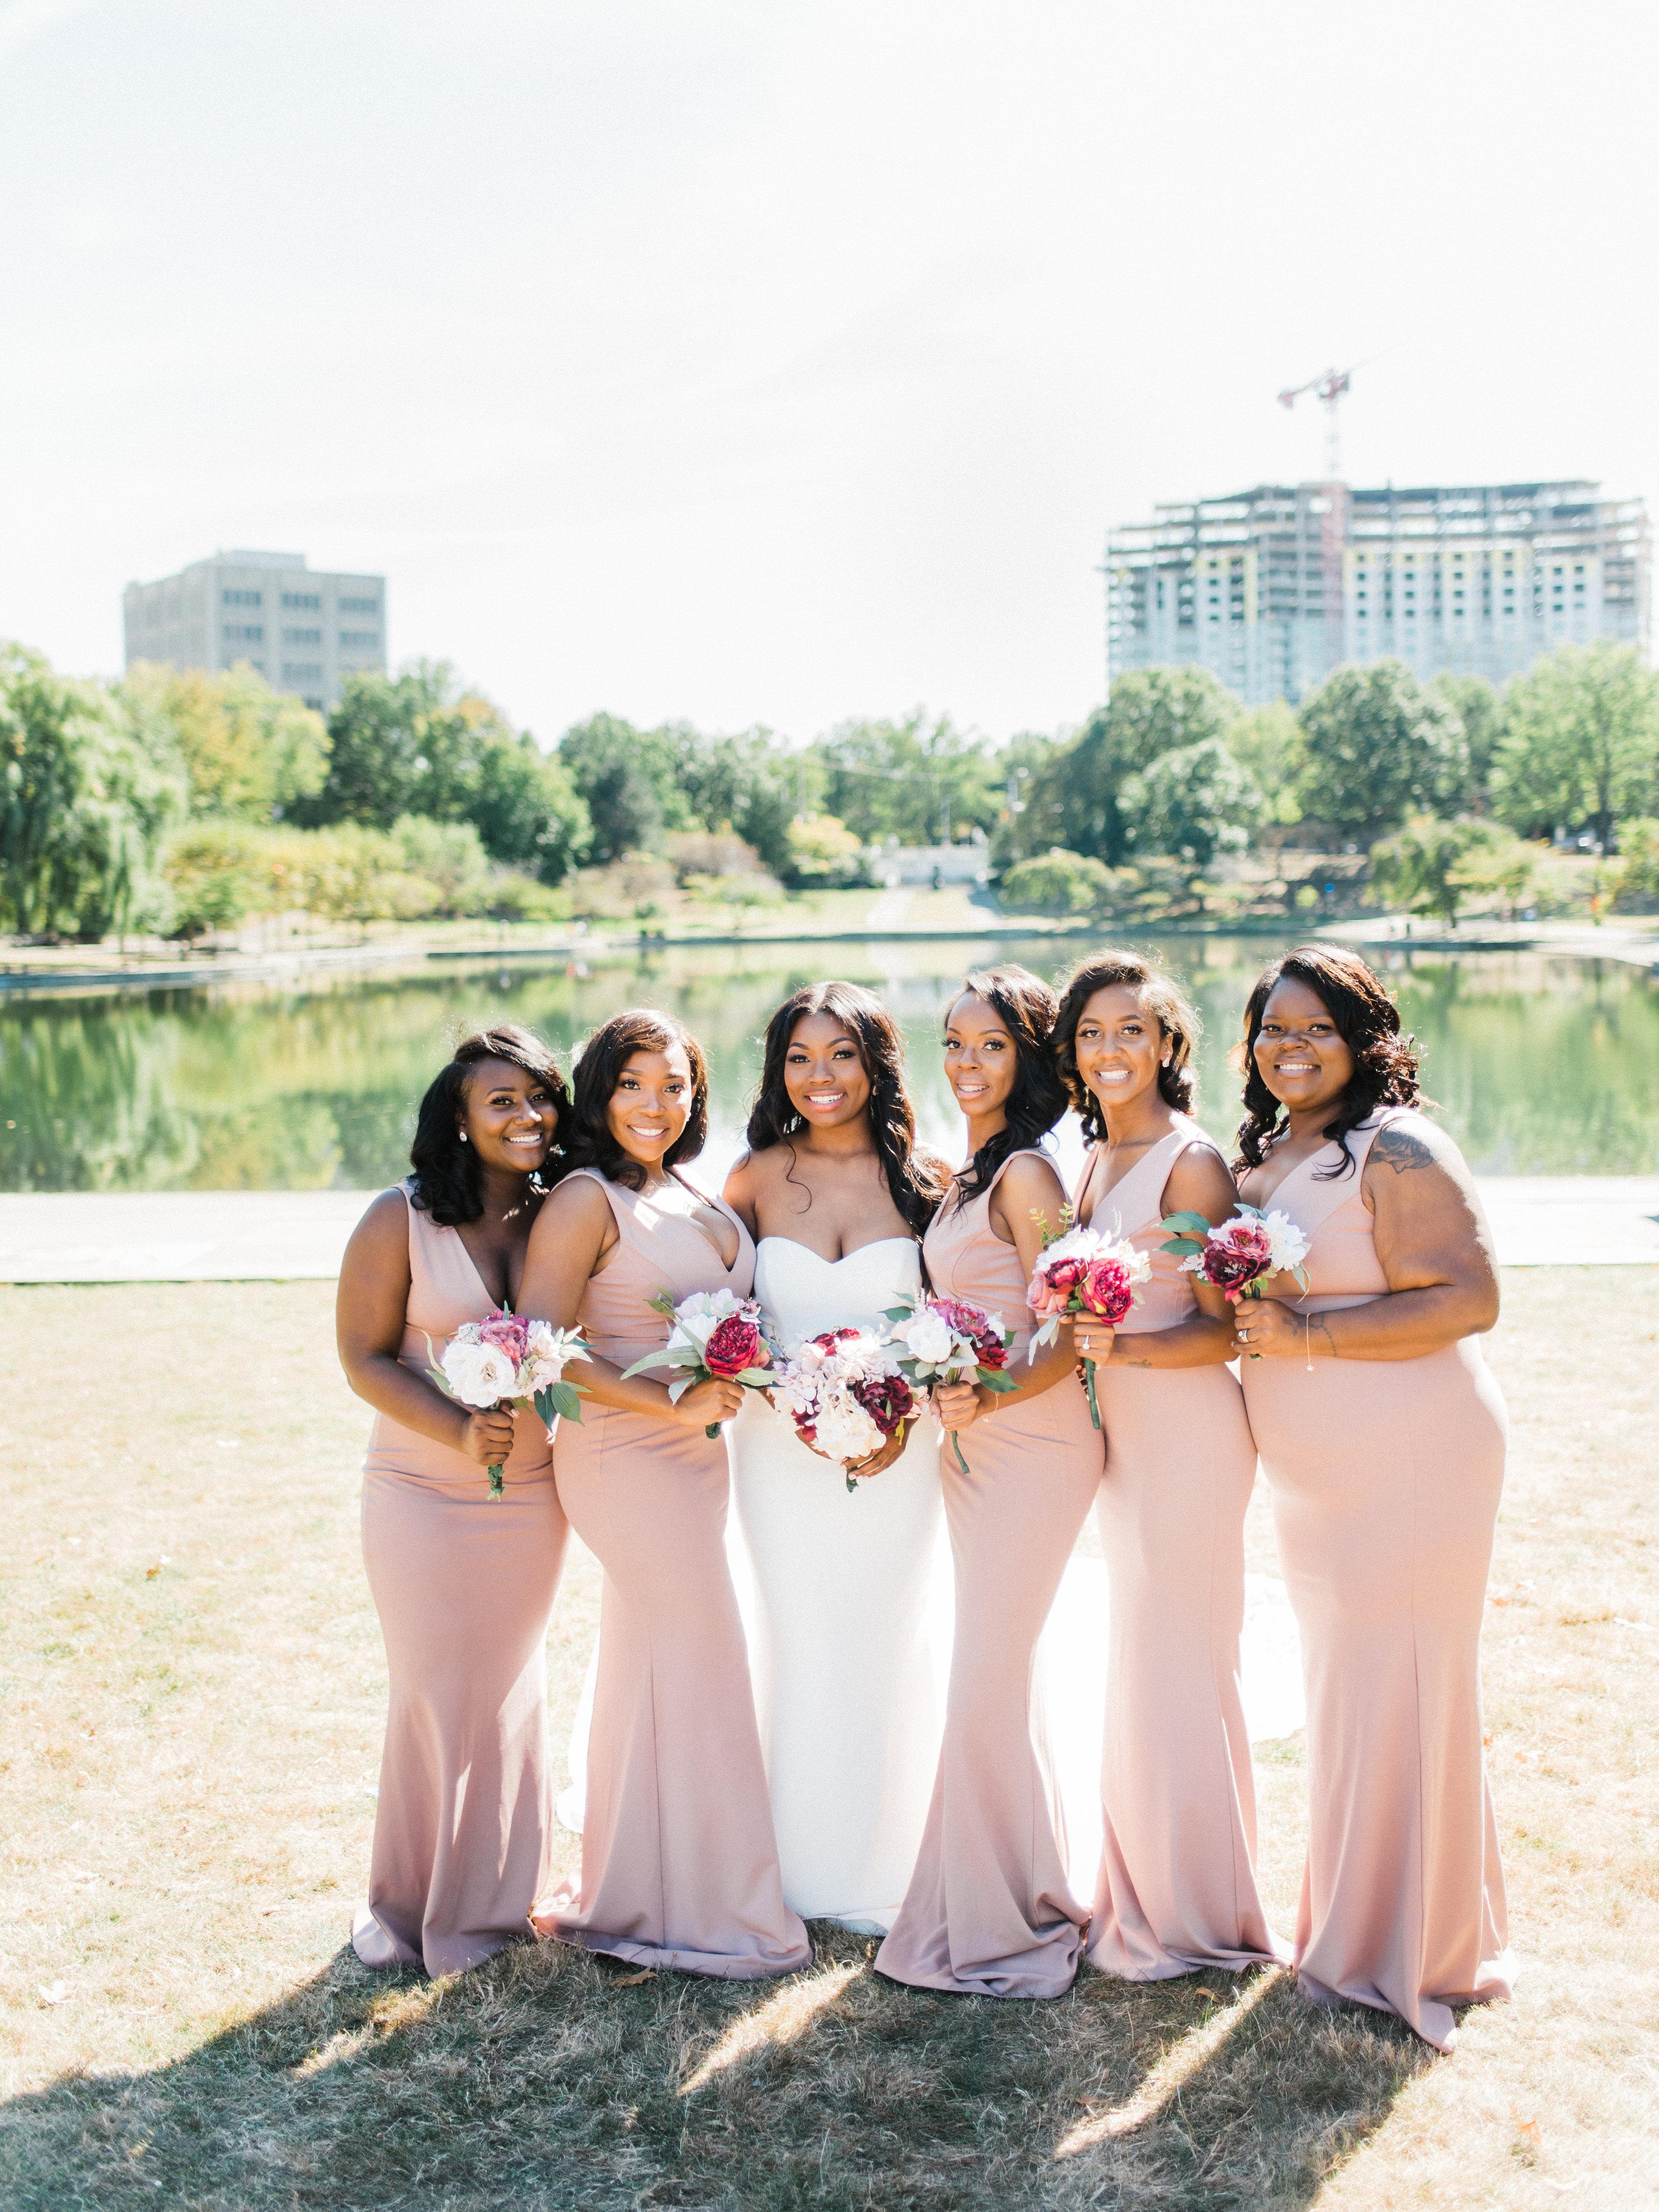 shanice & stephen wedding bridesmaids